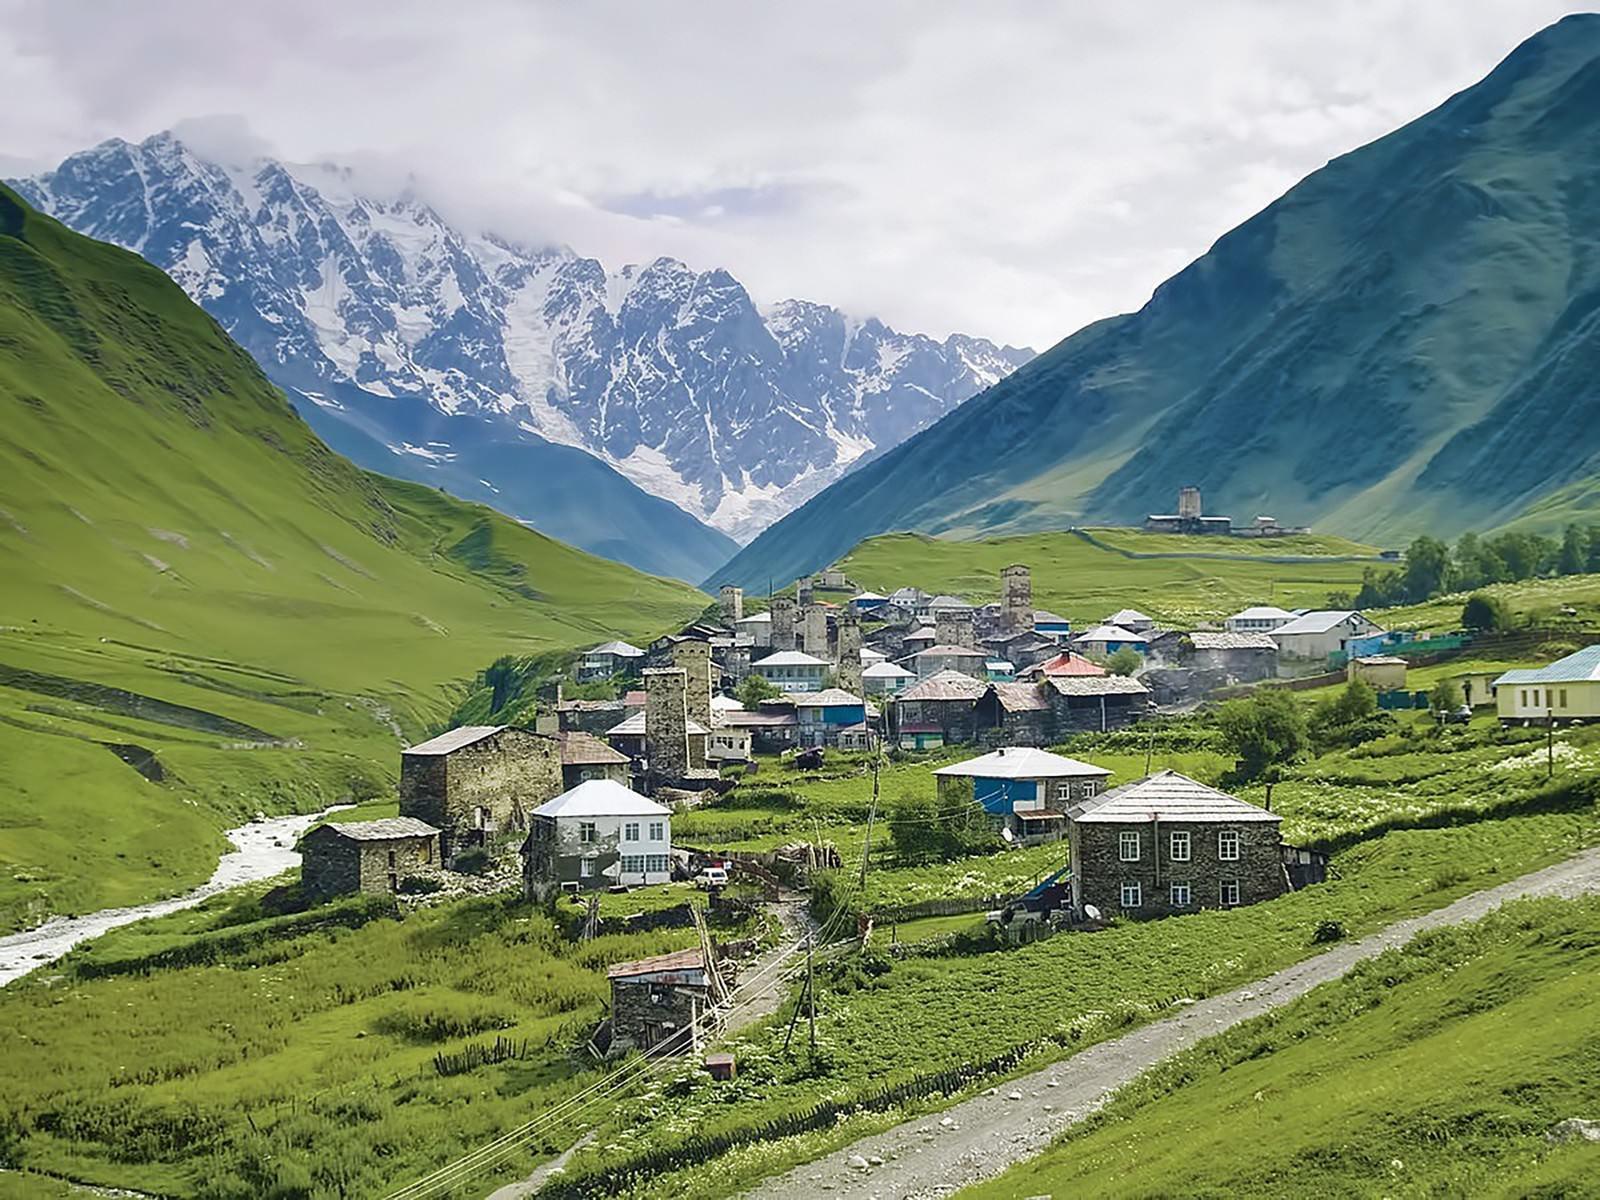 「山岳の中の街(グルジア)」の写真